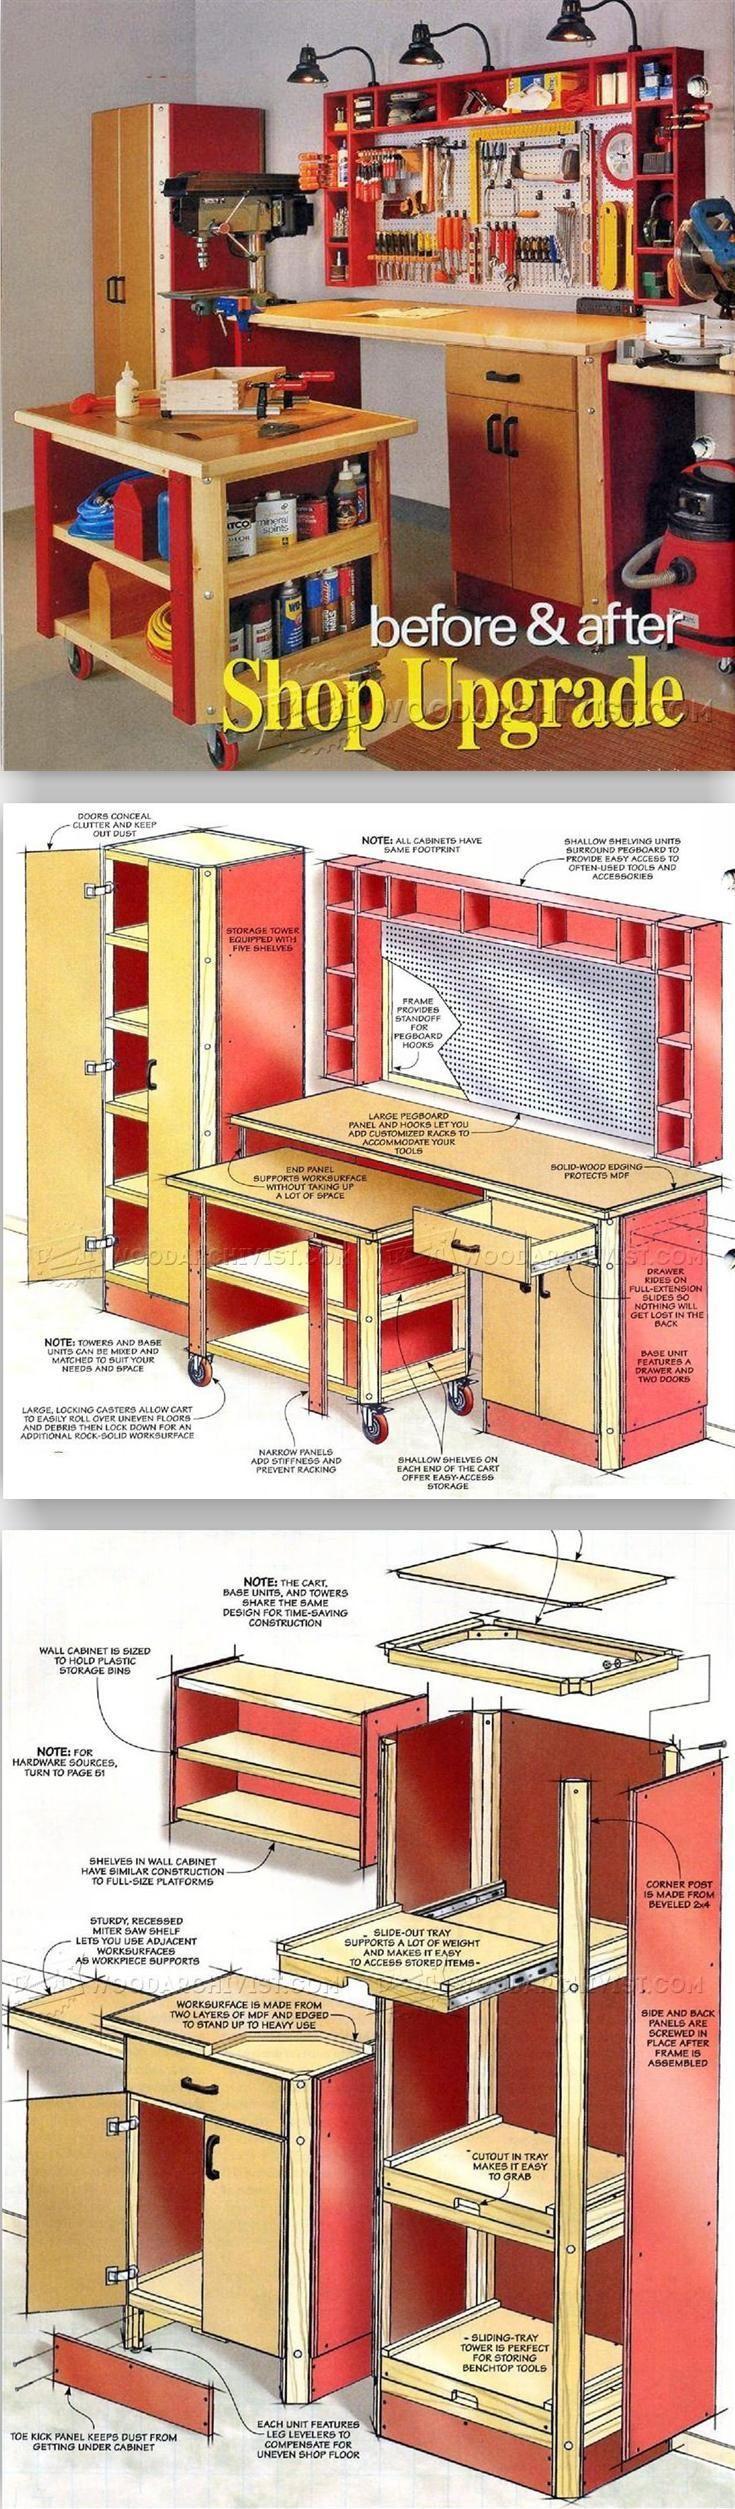 Workshop Upgrade - Workshop Solutions Plans, Tips and Tricks   WoodArchivist.com